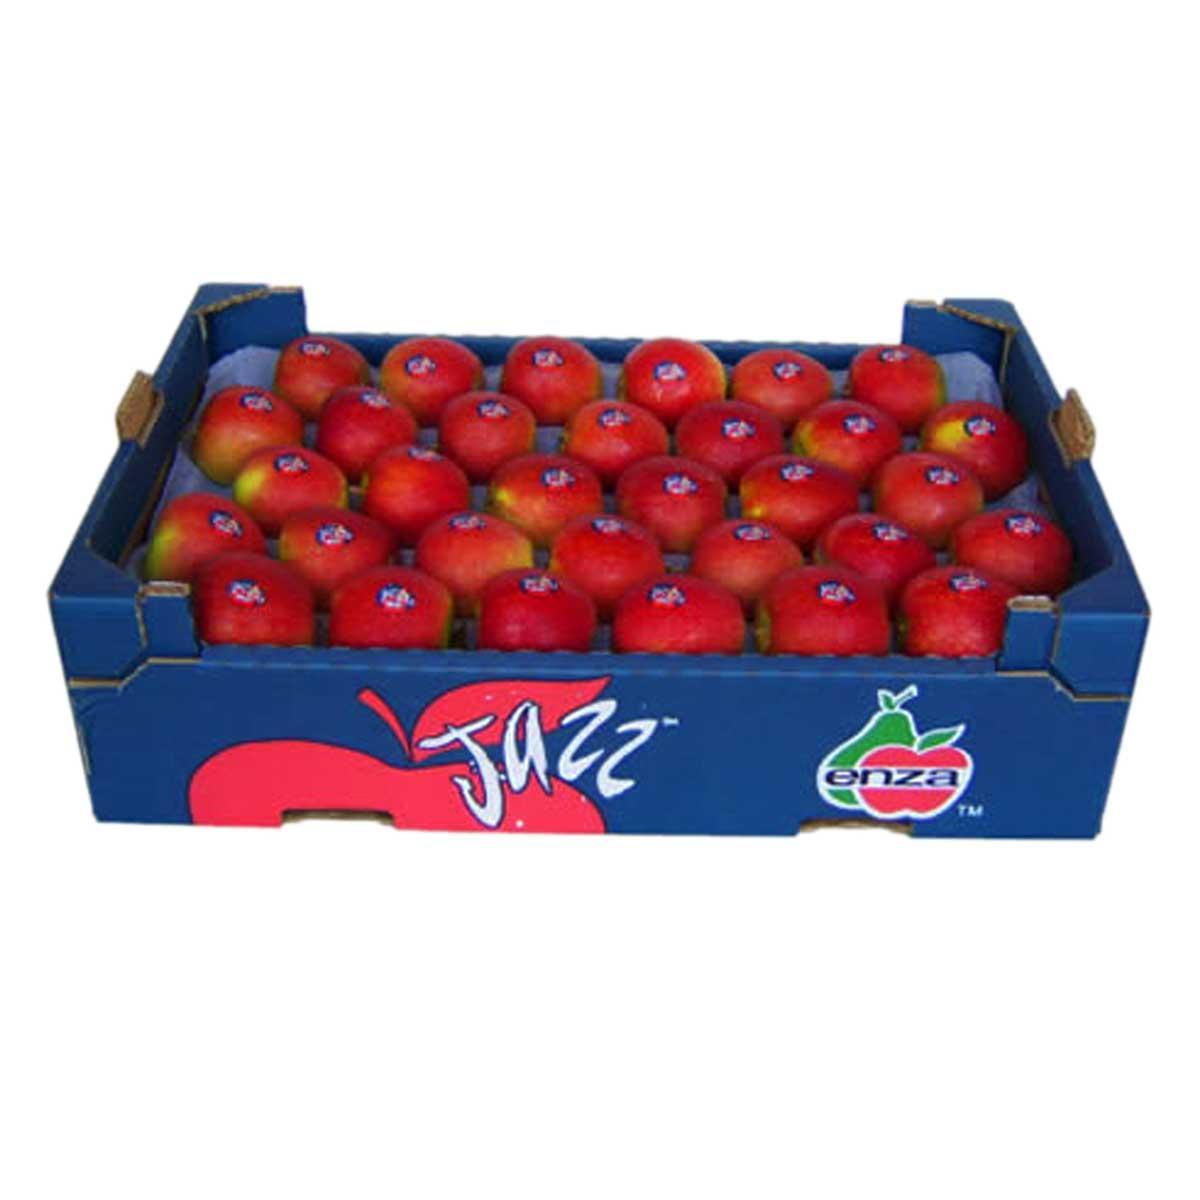 Apple Jaaz - Box